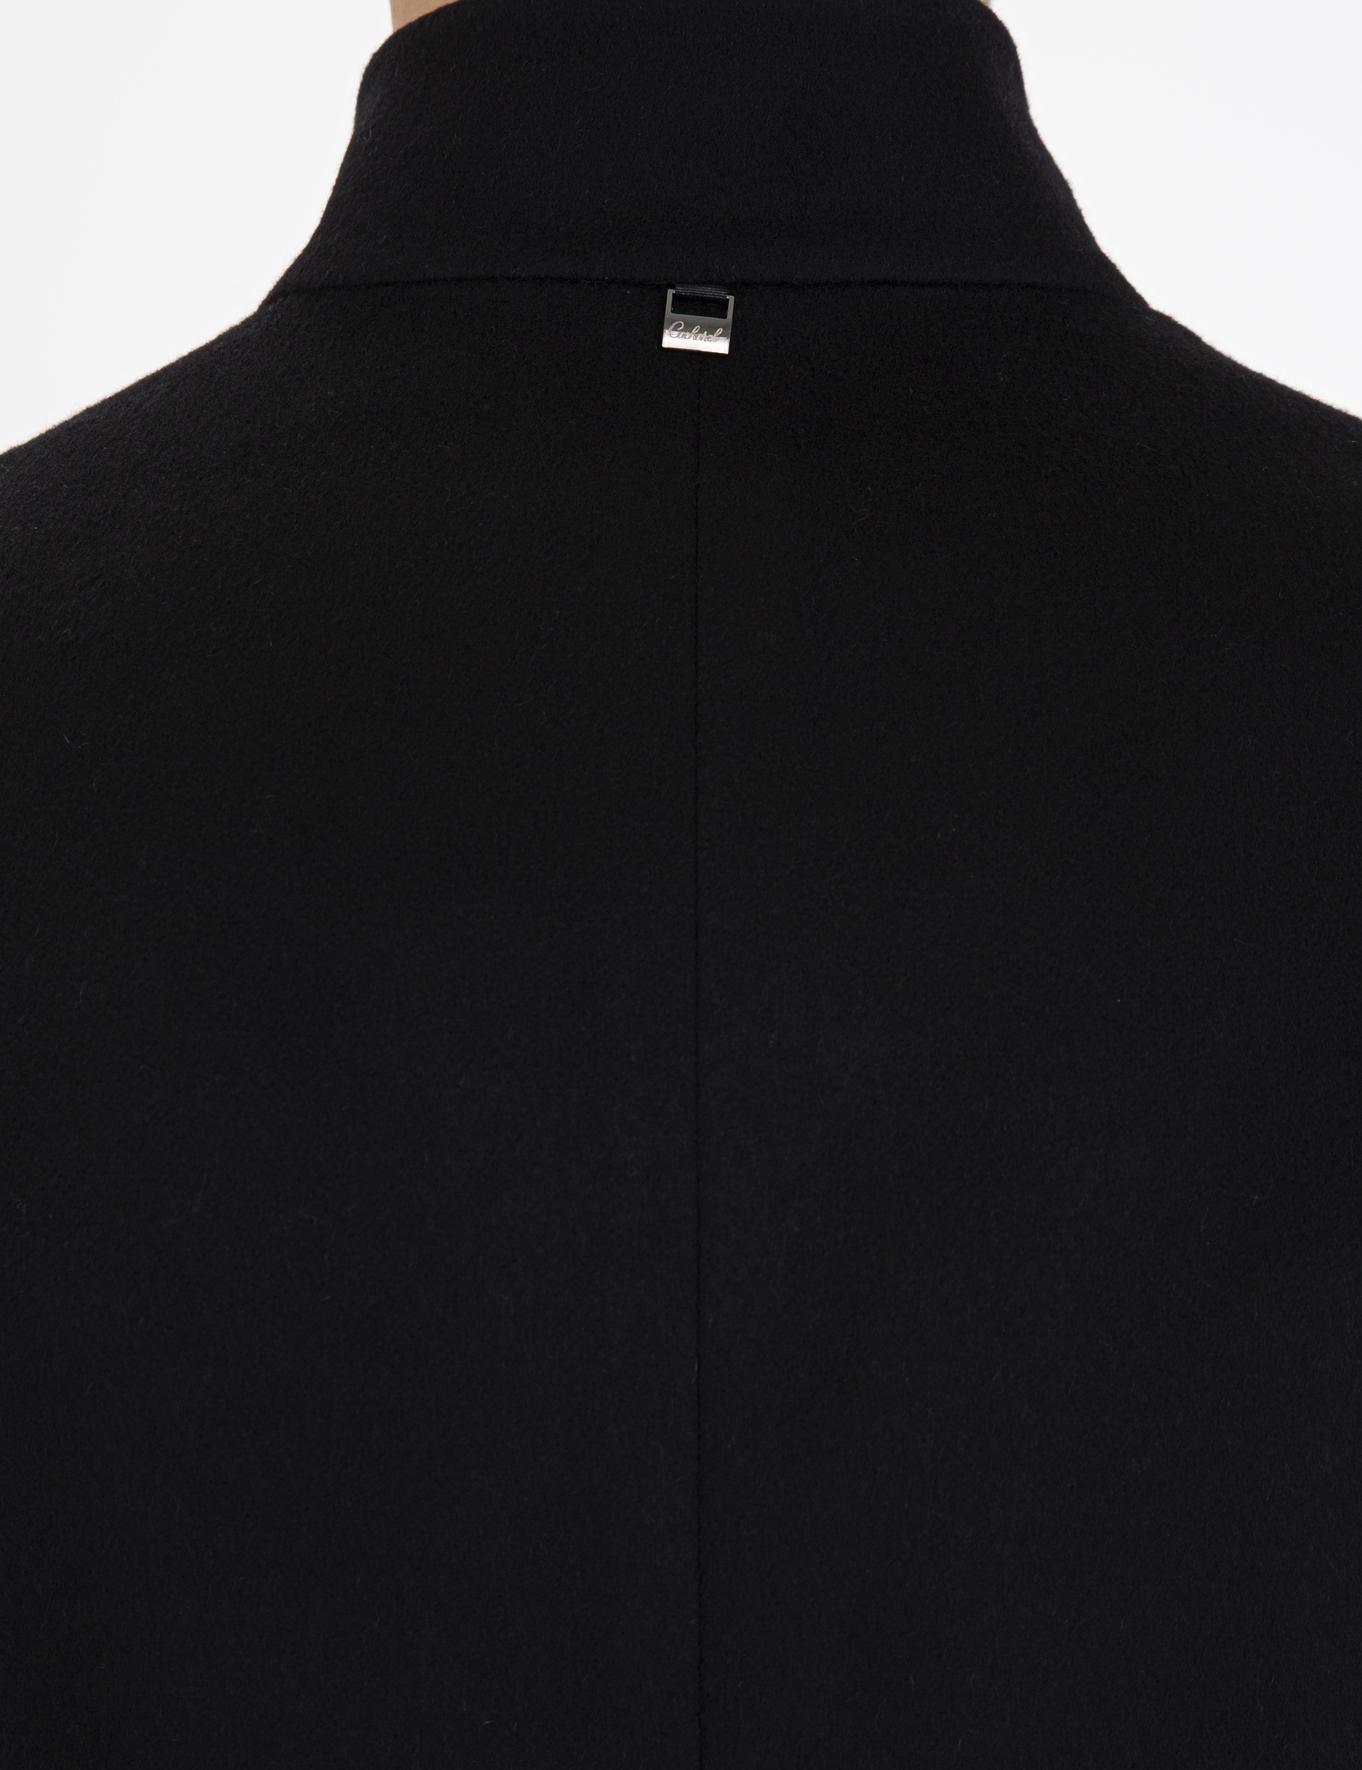 Siyah Palto - 50231296025